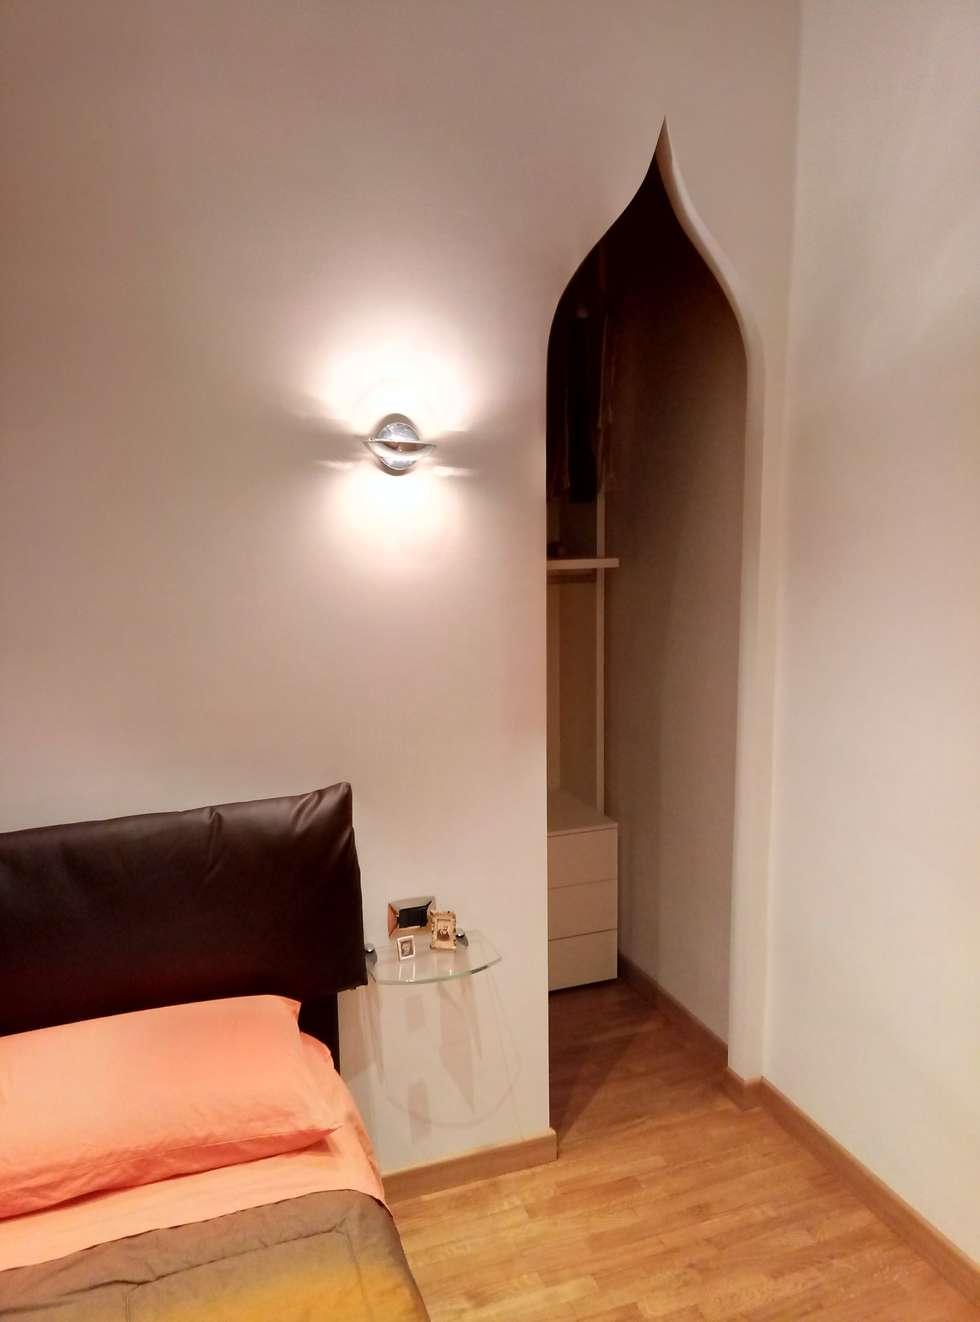 Fotos de decora o design de interiores e remodela es - Camere da letto in cartongesso ...